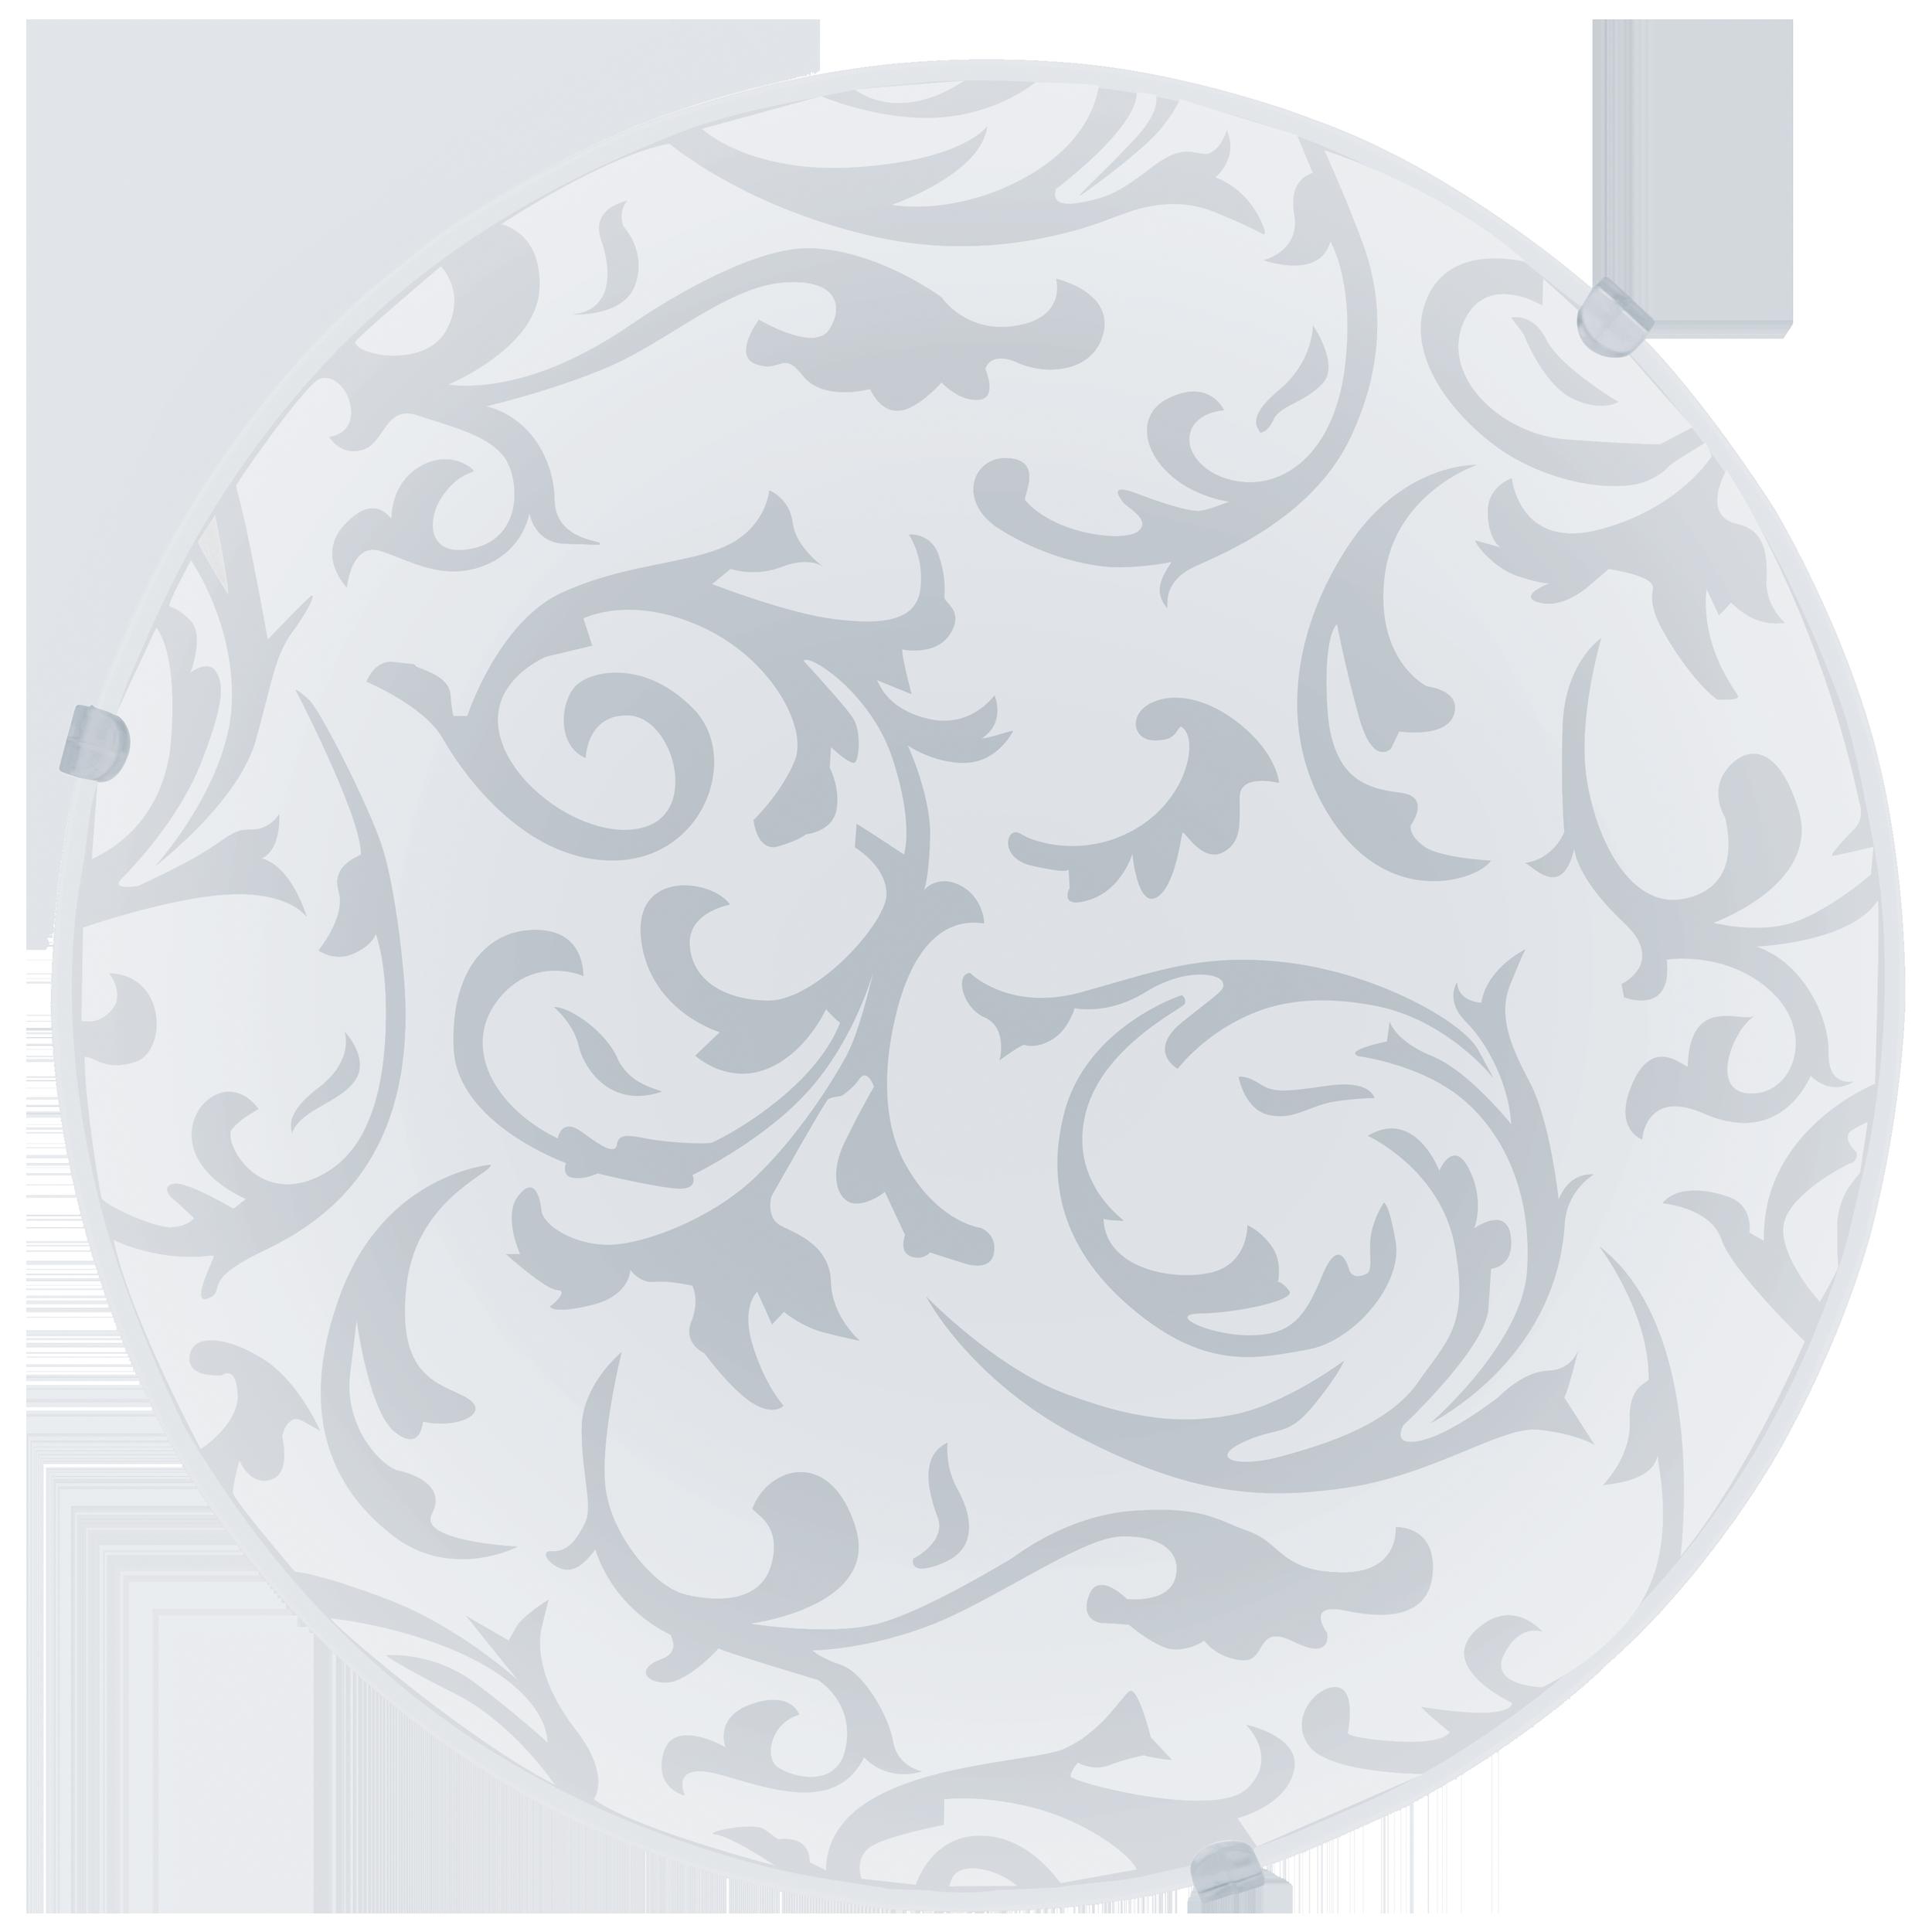 Потолочный светильник Eglo Mars 91236, 1xE27x60W, белый, металл, стекло - фото 1